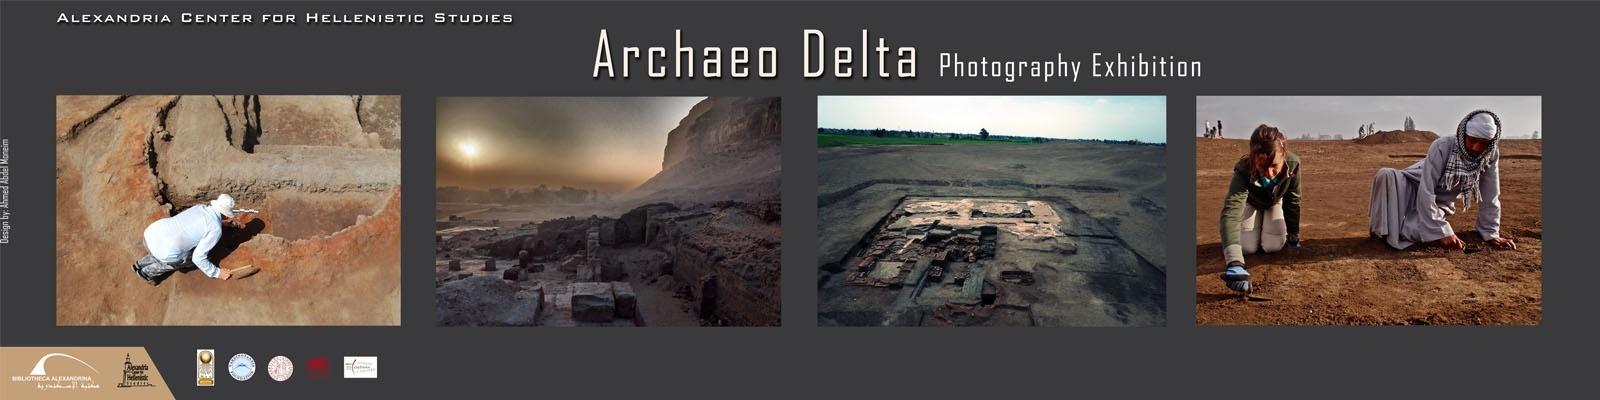 معرض صور المشاهد الأثرية بالدلتا